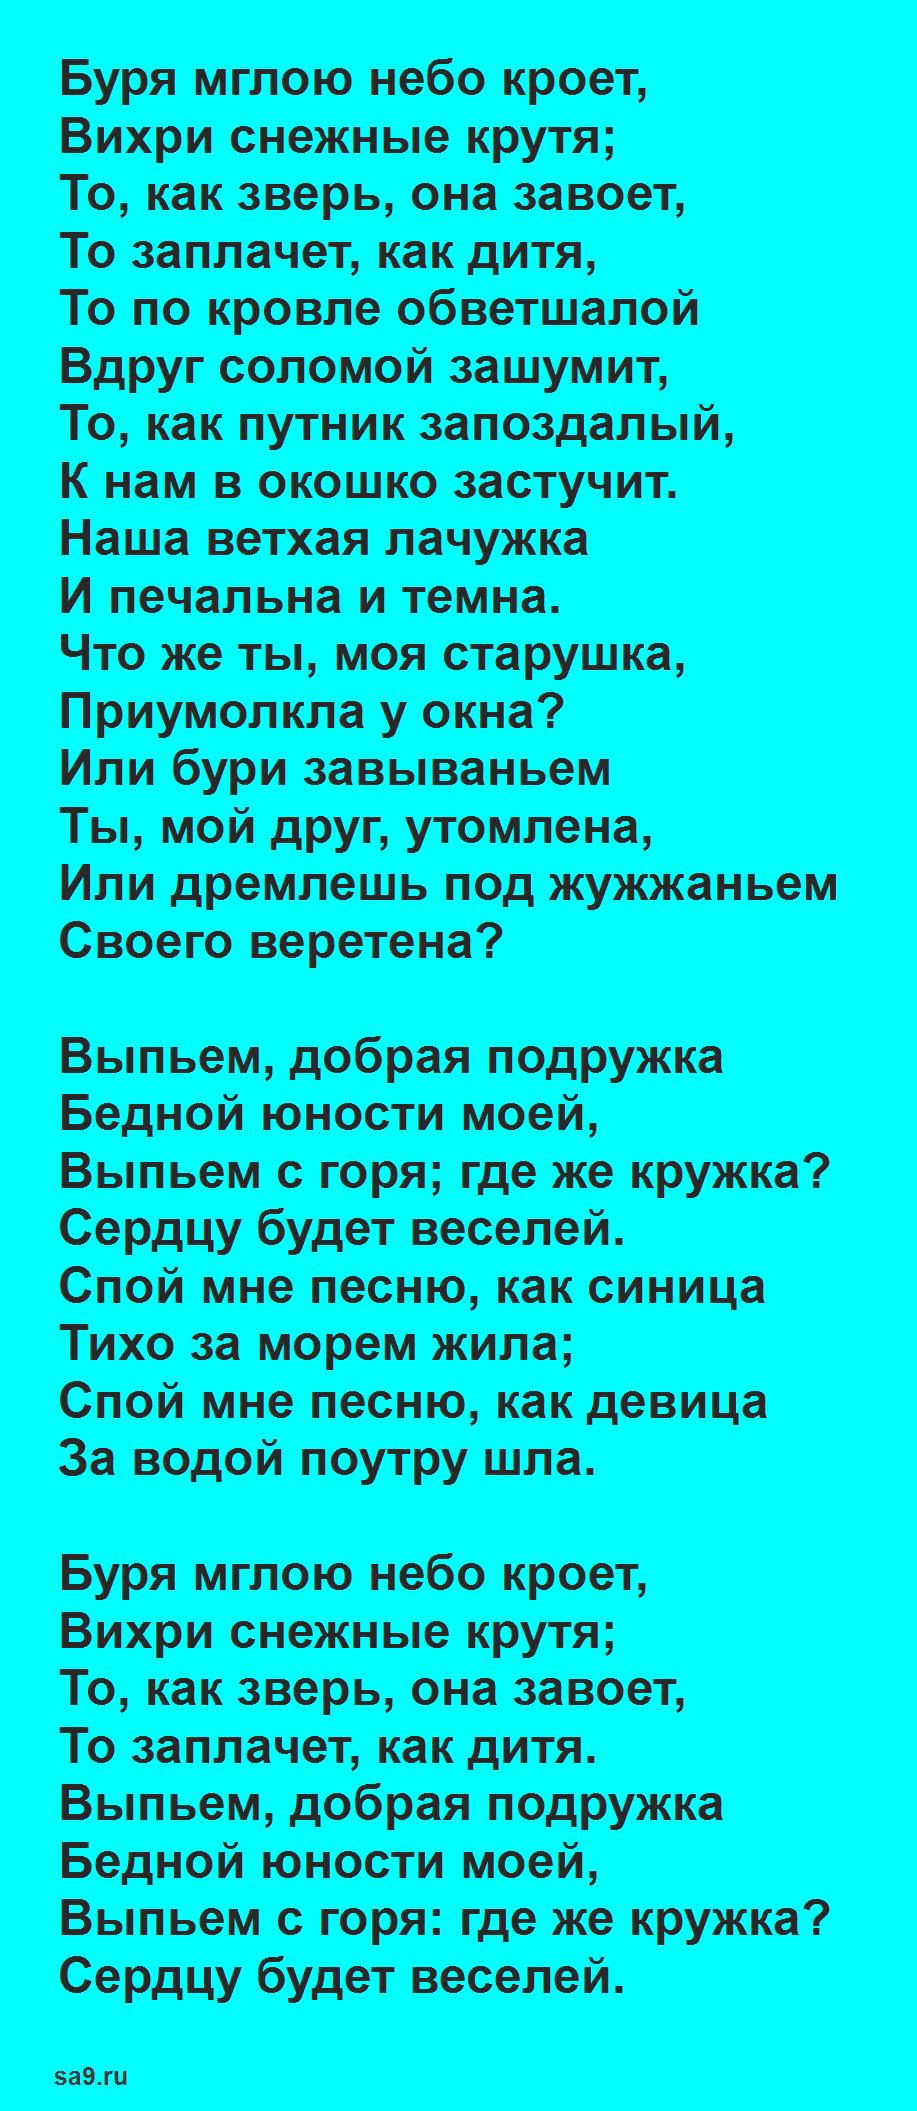 Пушкин стихи про зиму - Зимний вечер для детей, которые легко учатся